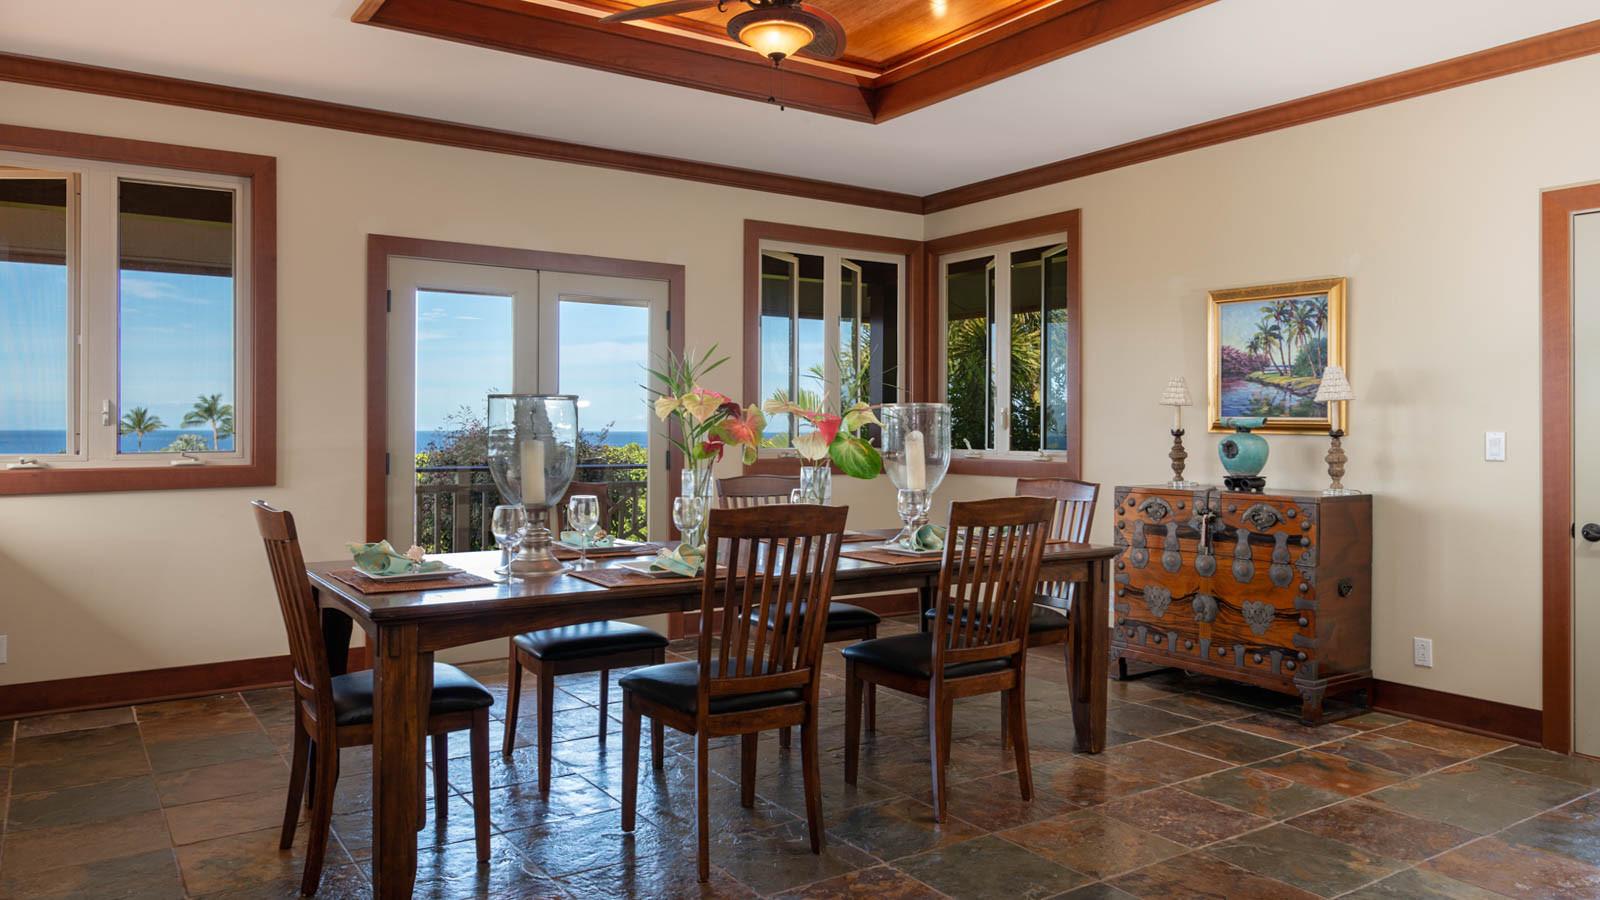 14-Dining room 1-2.jpg